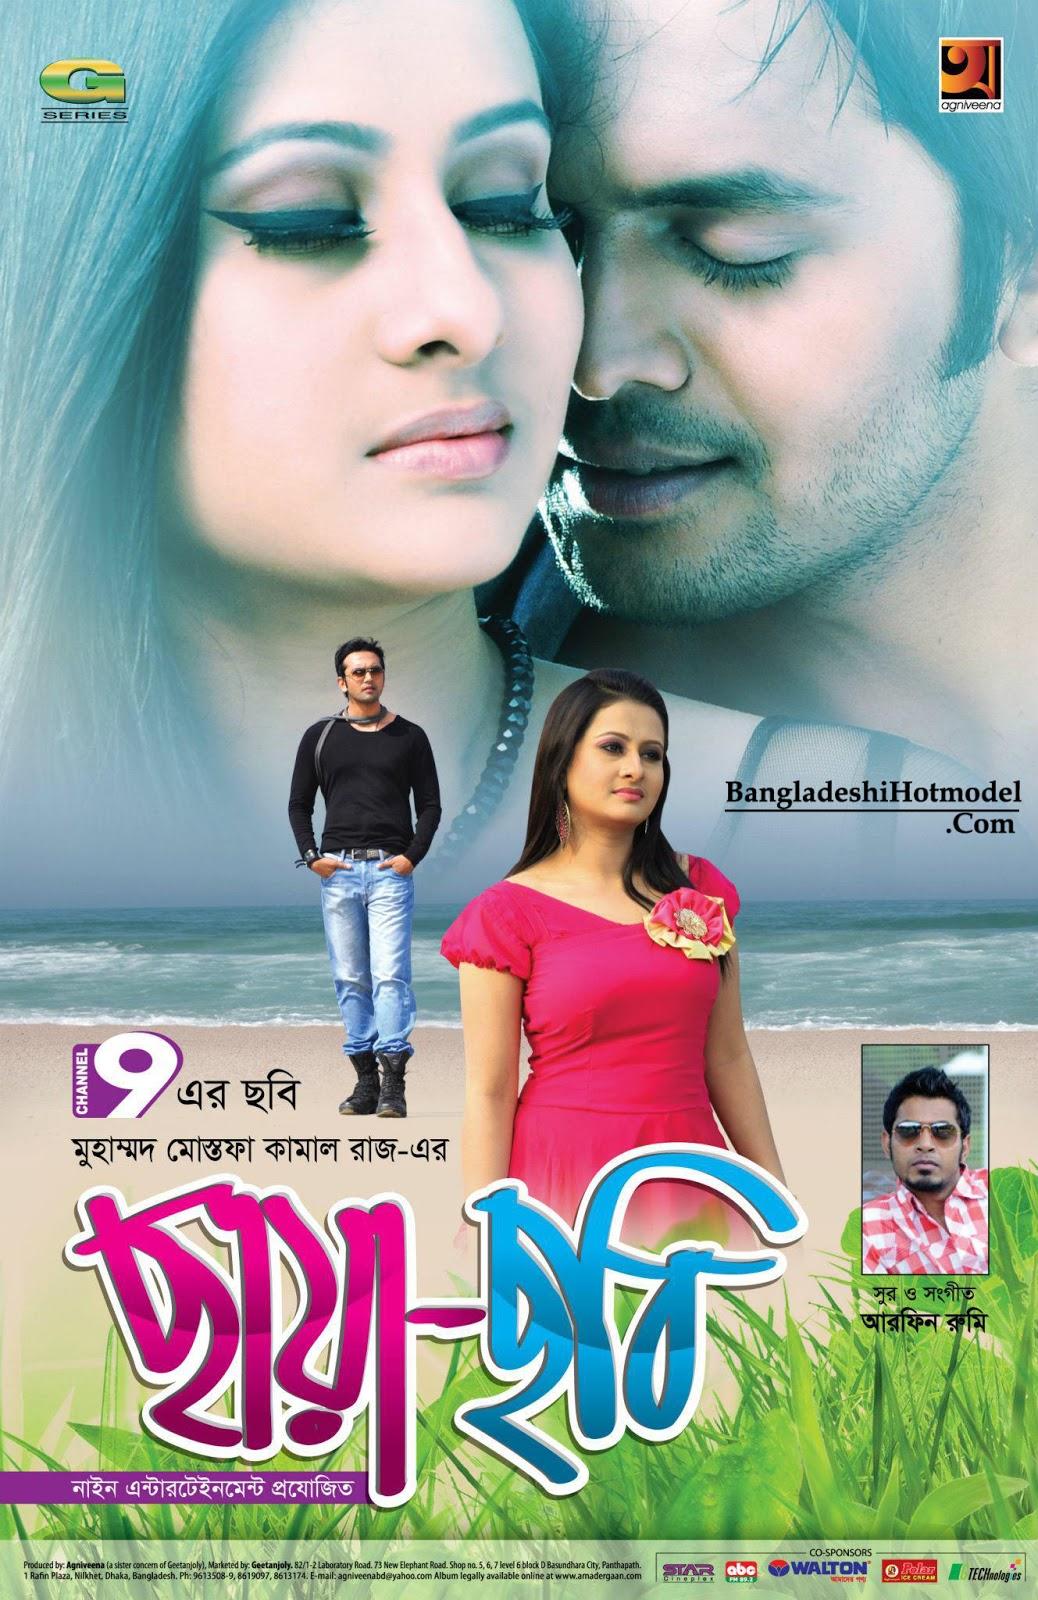 bangla cinema 2016 download